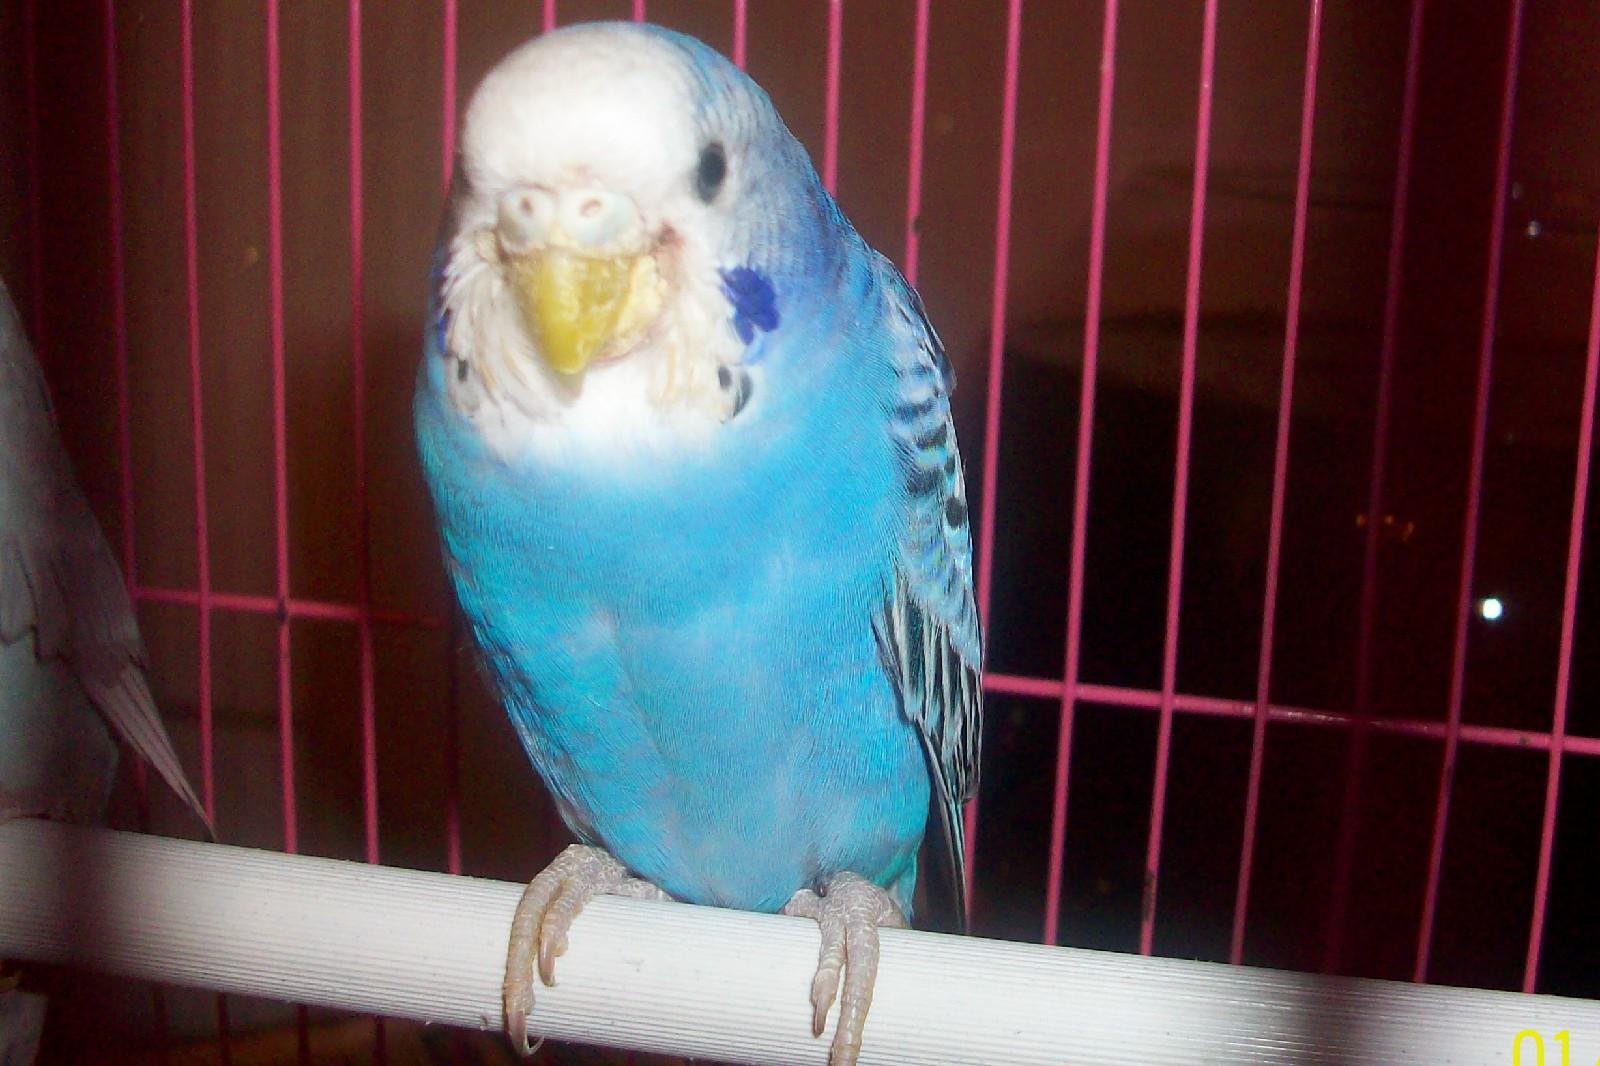 У попугая выпадают перья картинки